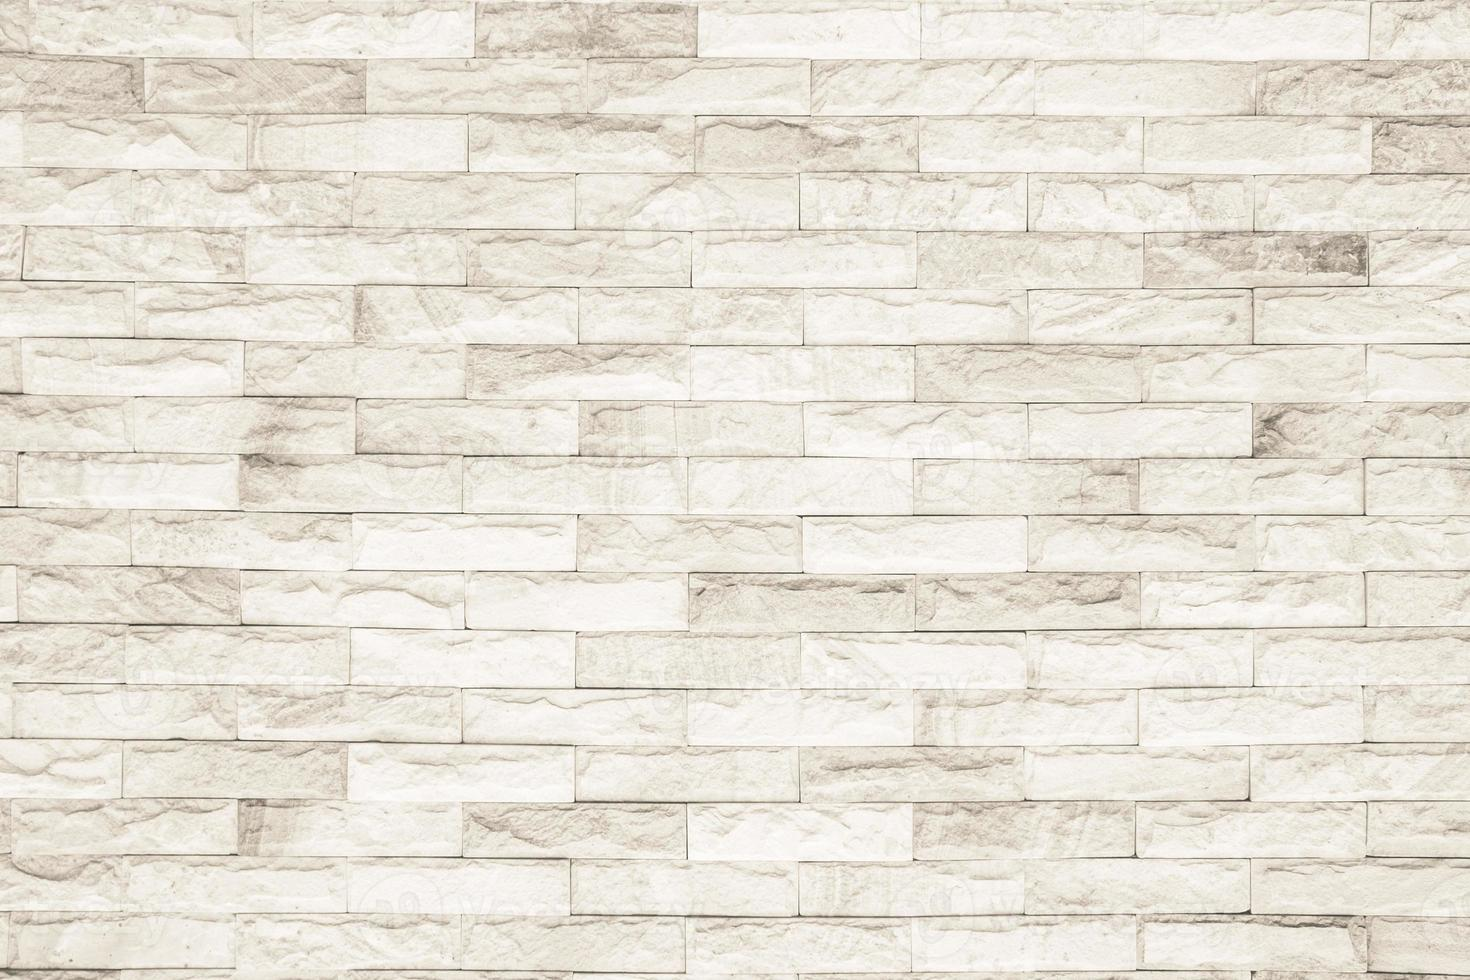 fond de texture de mur de brique noir et blanc photo